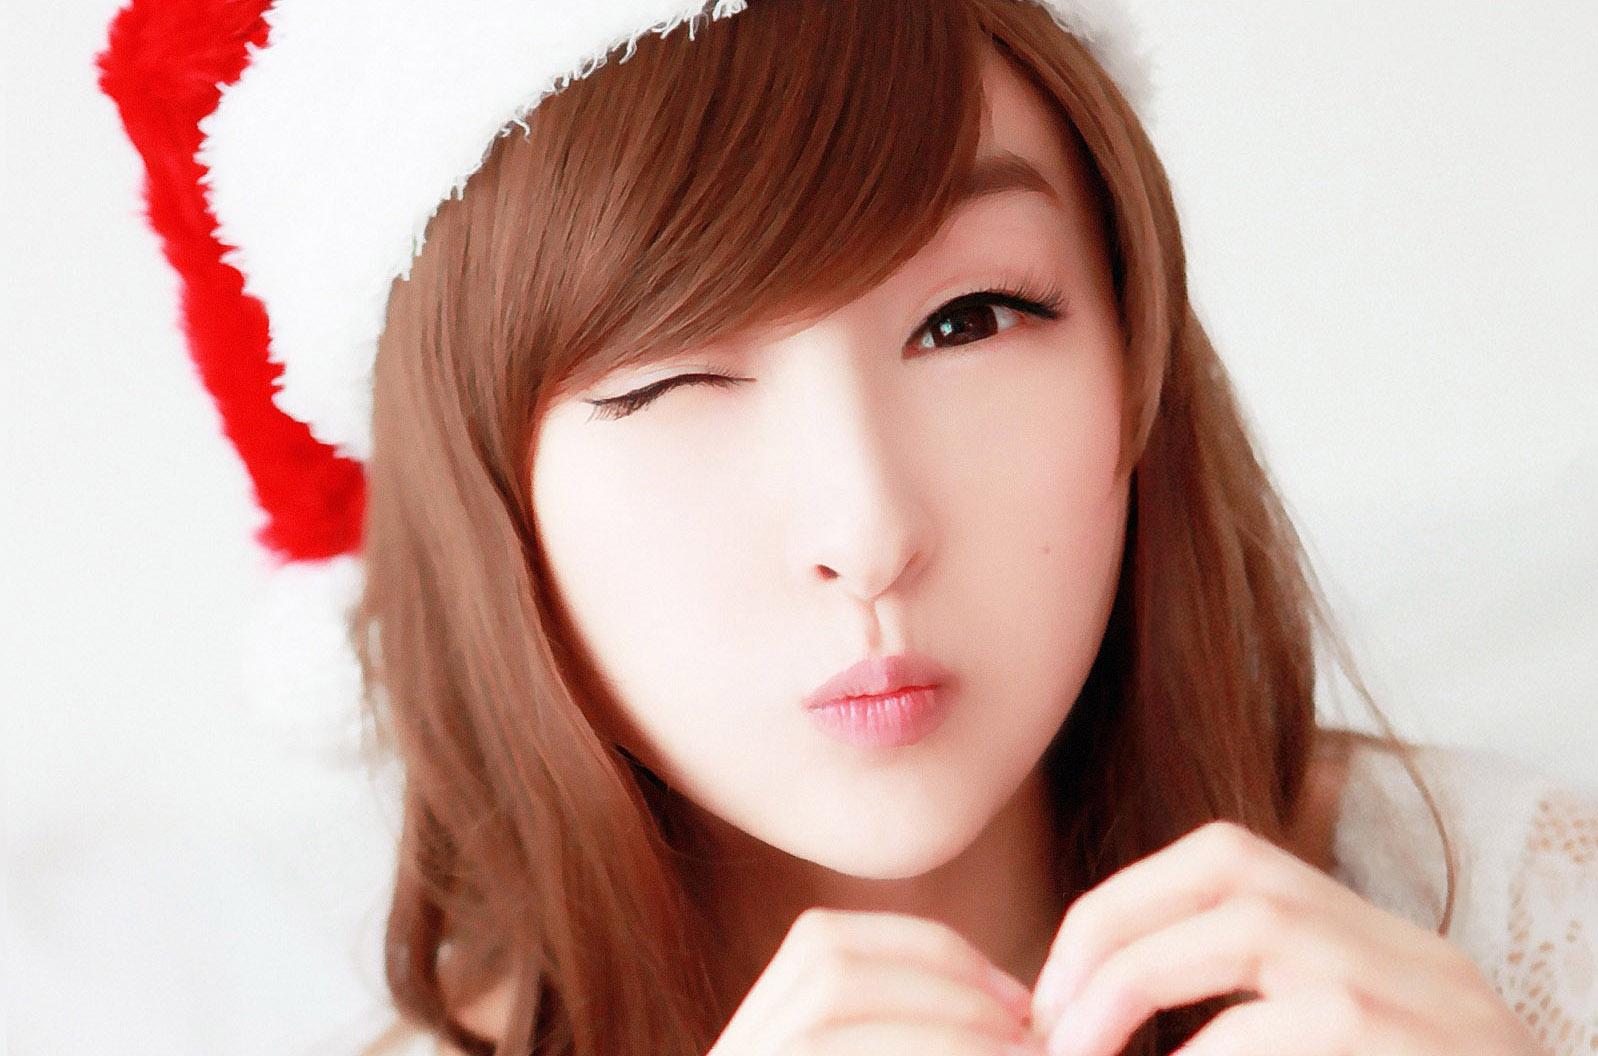 http://4.bp.blogspot.com/-cPBB4vKEduw/TVlpbYuJtfI/AAAAAAAAADE/UmECzAiKZ0A/s1600/lin-ketong-cute-girl-wallpaper_1598x1056_84133.jpg